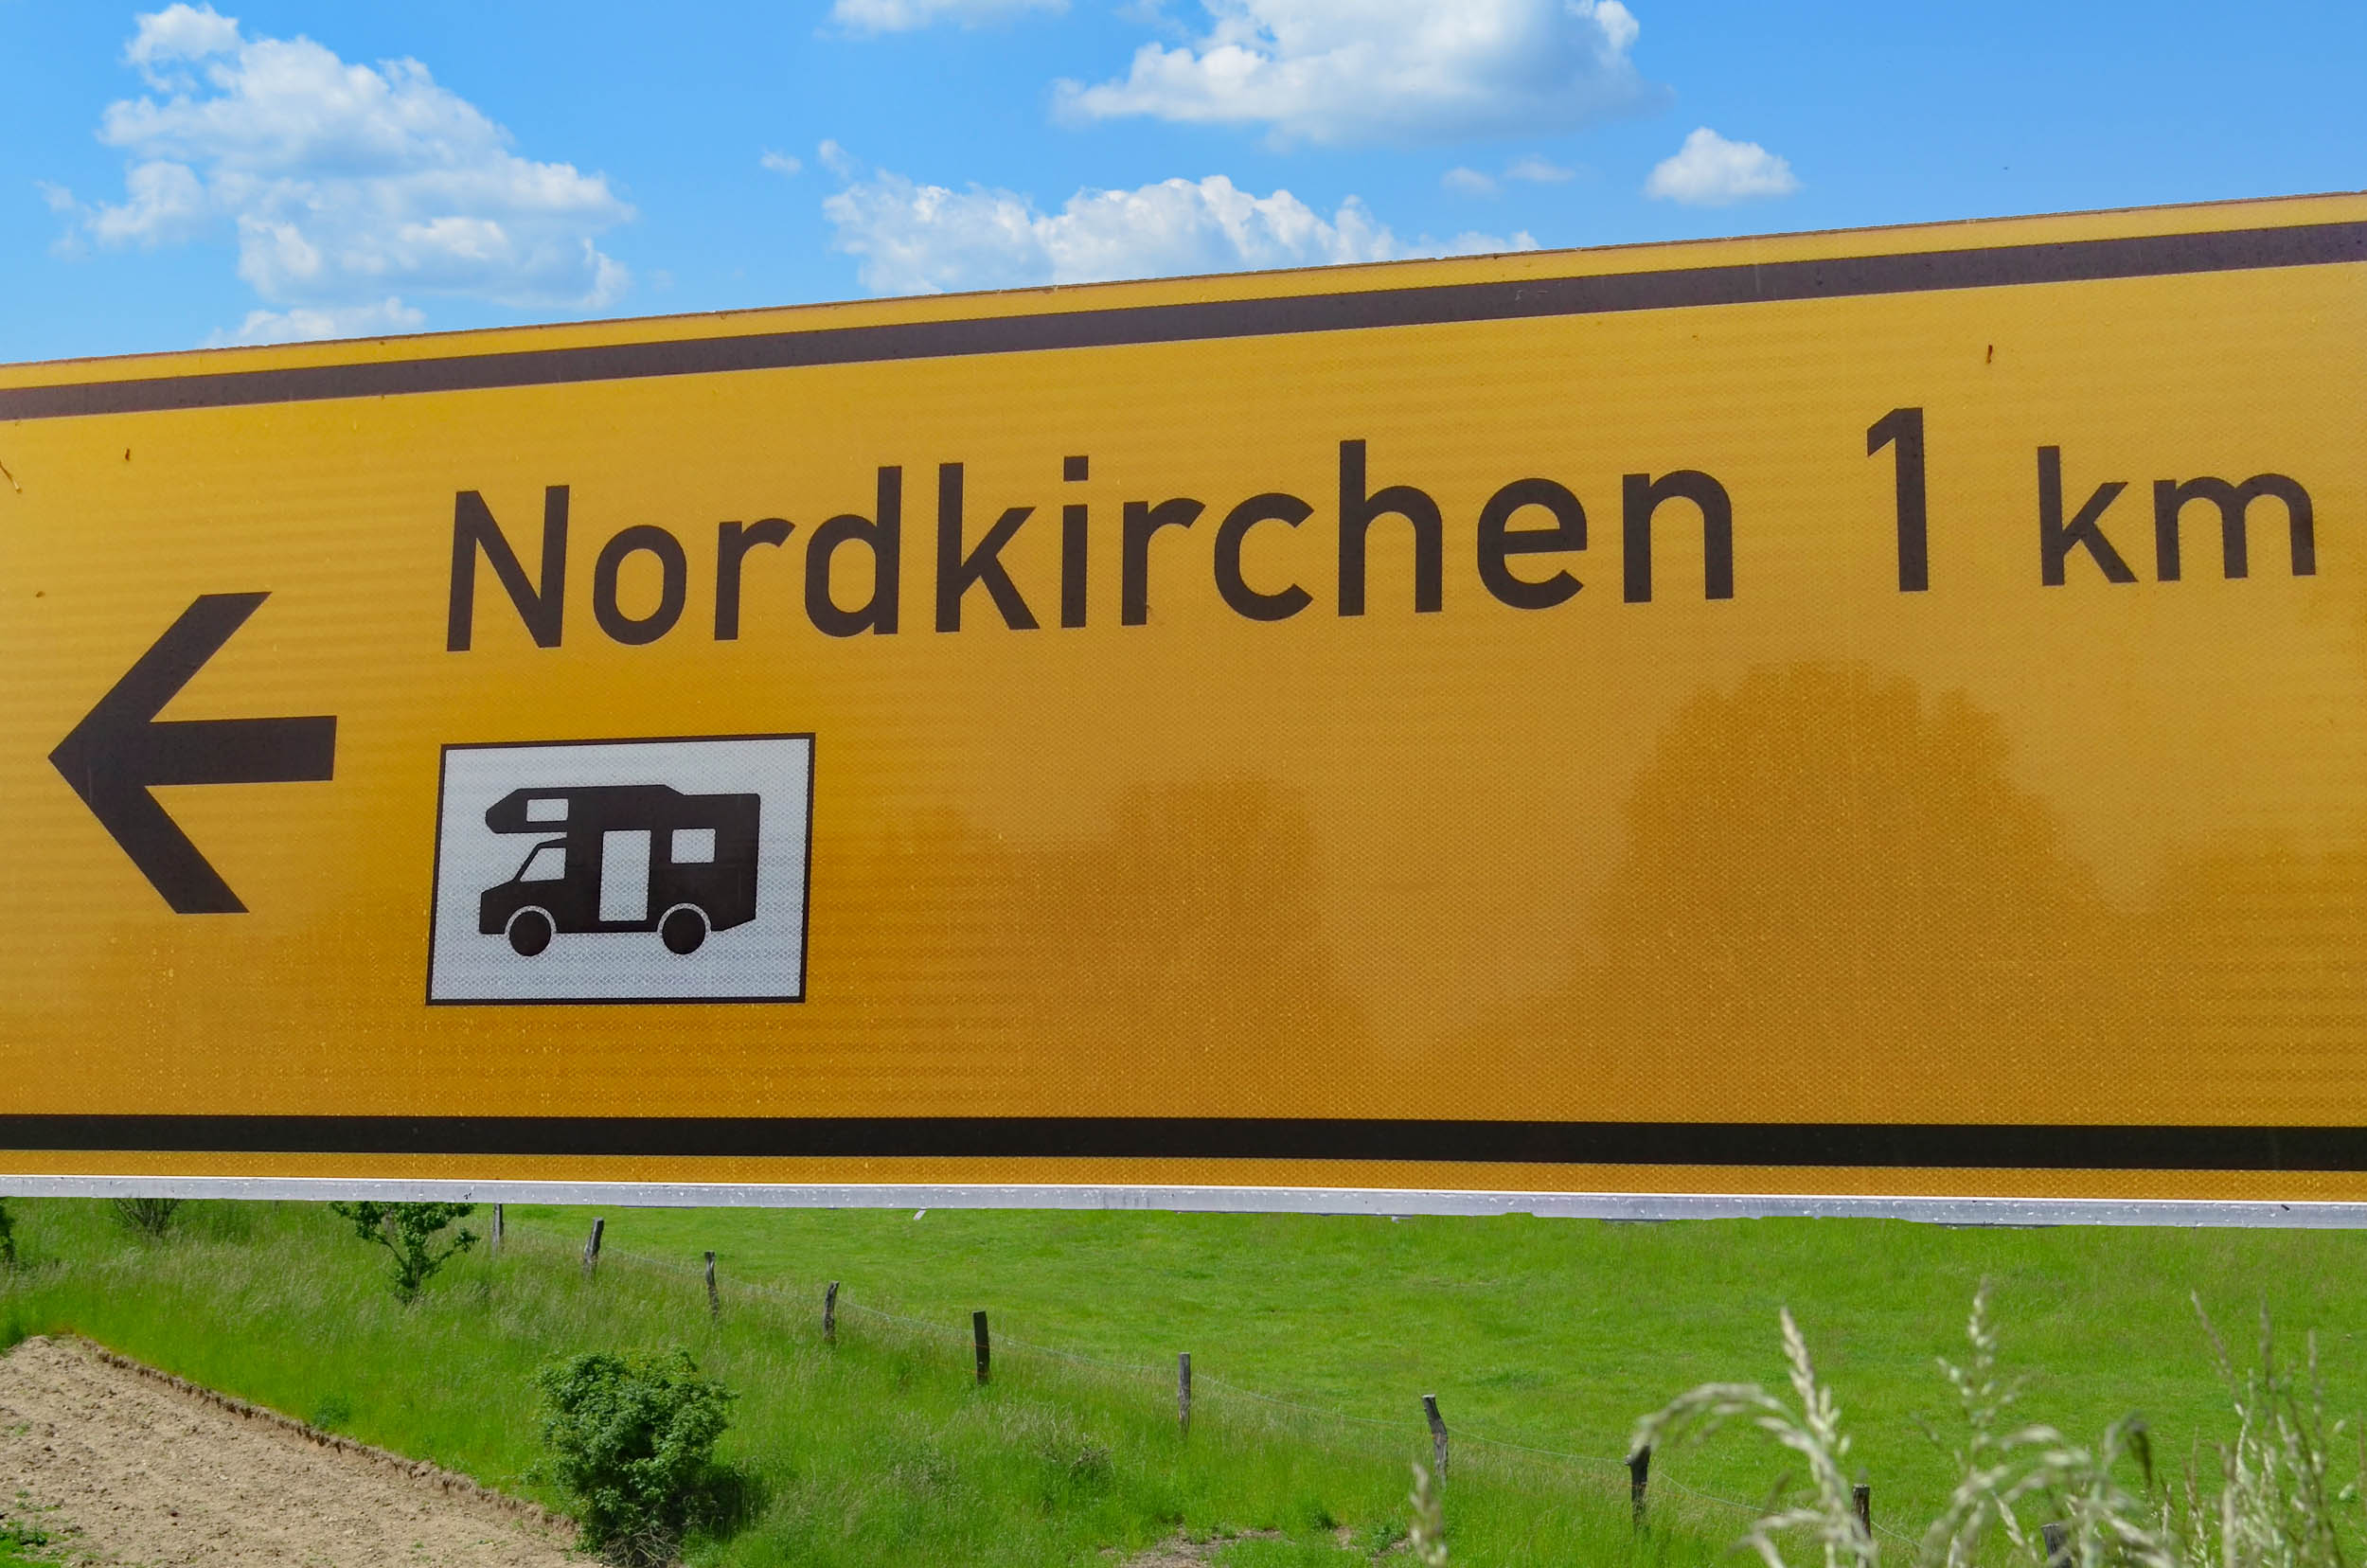 Nordkirchen Veranstaltungen 2021